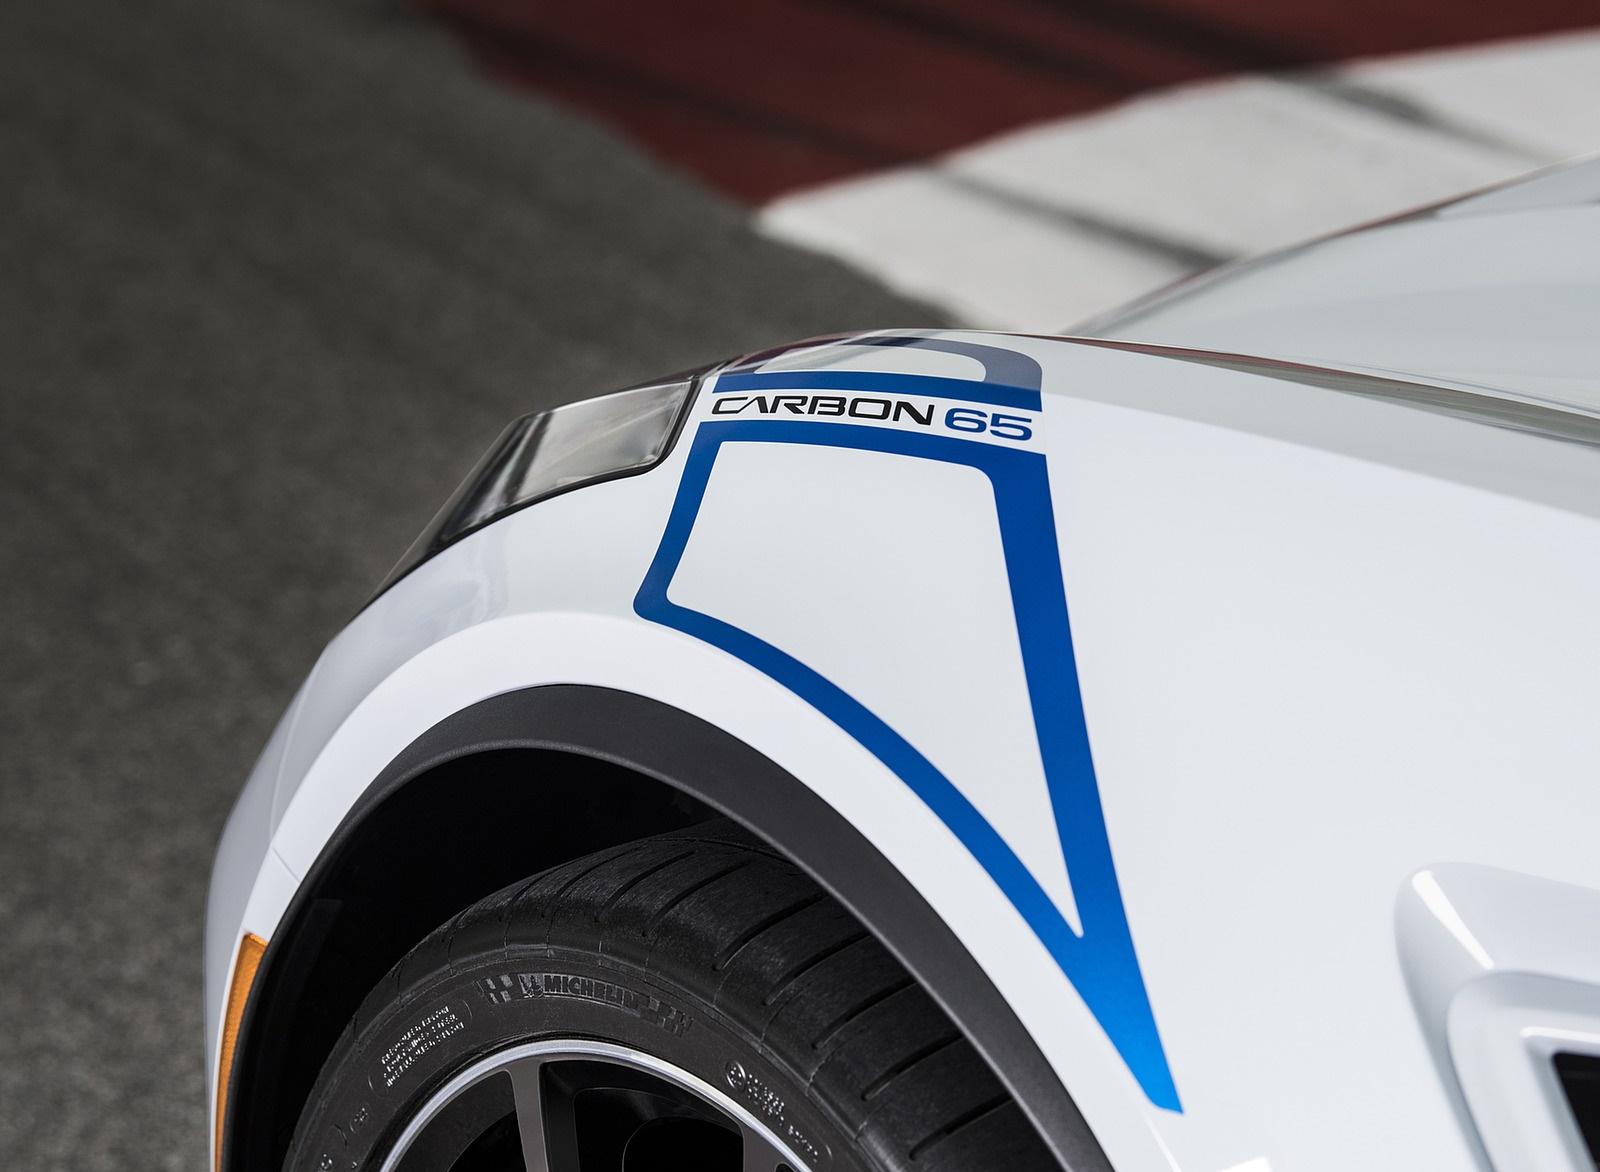 2018 Chevrolet Corvette Carbon 65 Edition Detail Wallpapers (5)